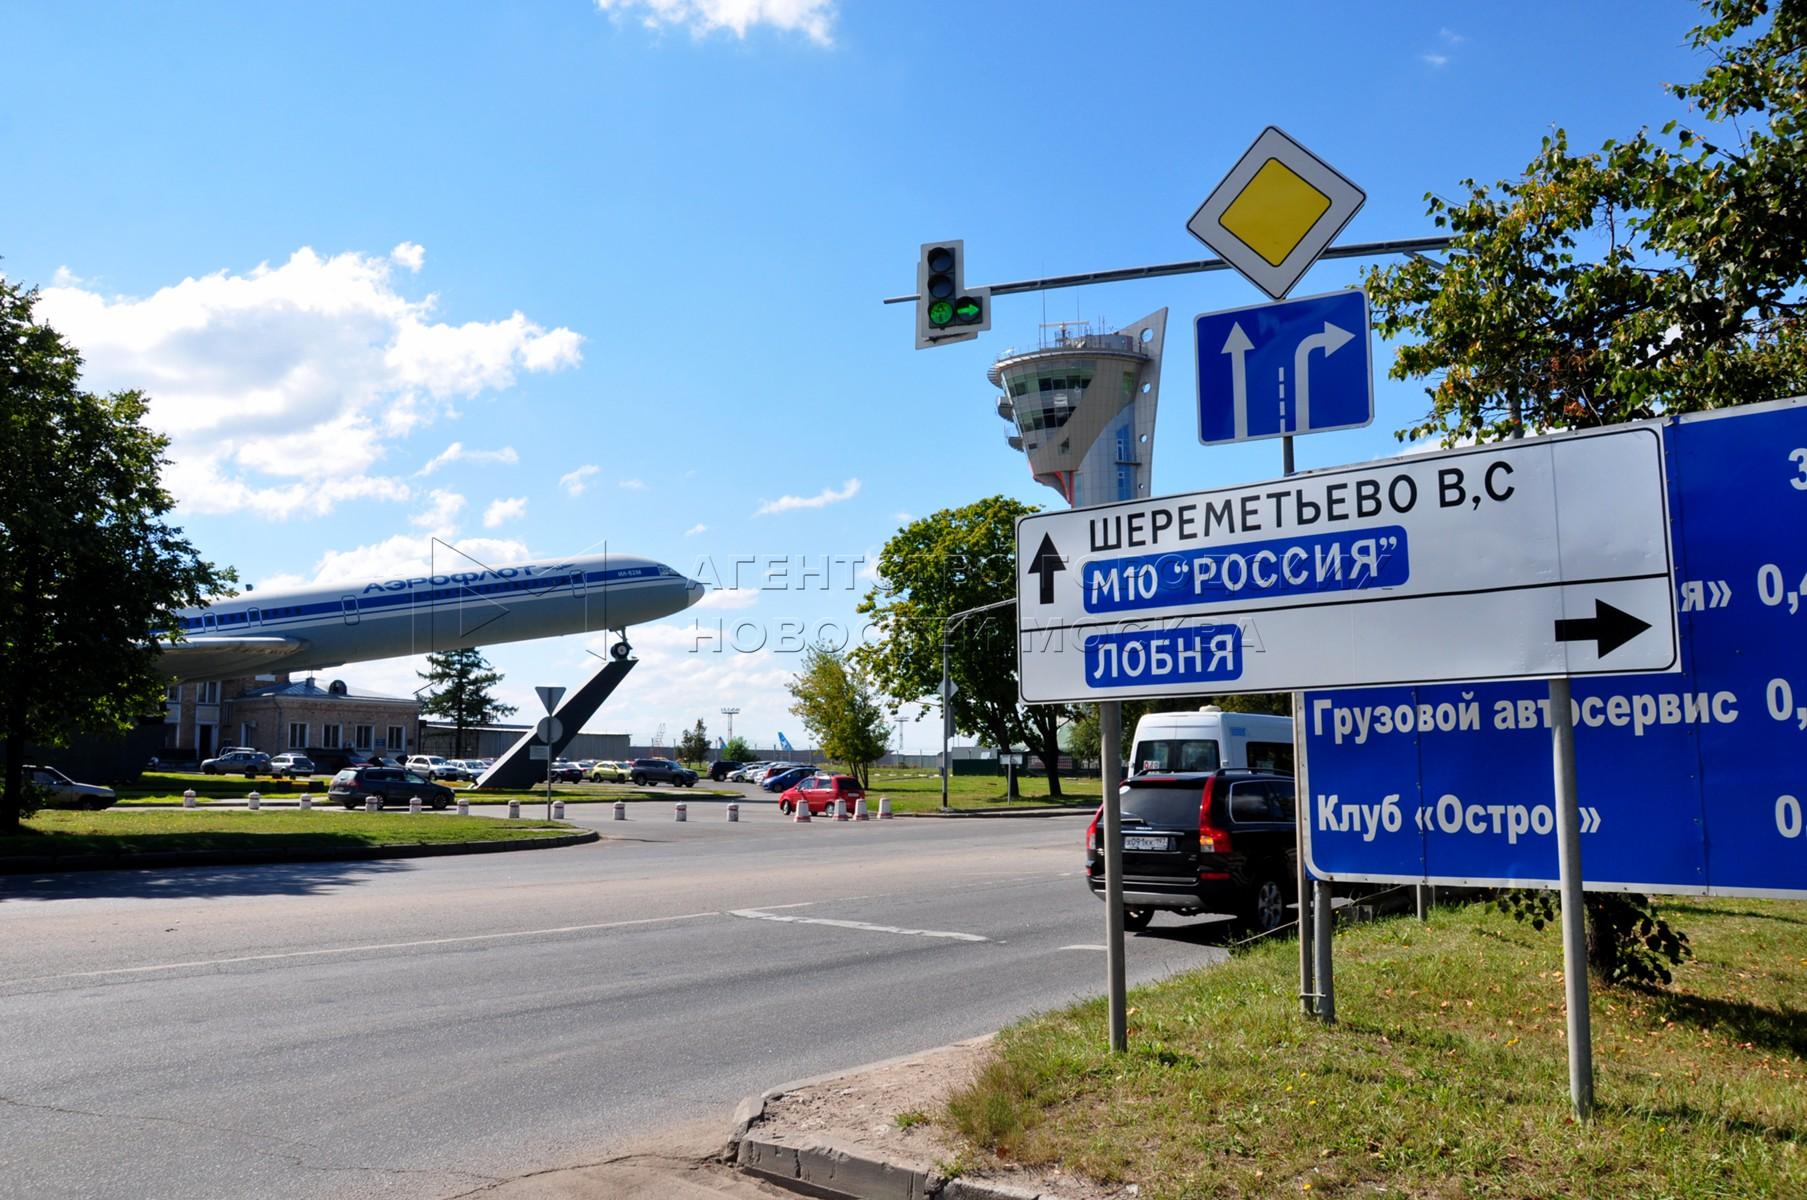 Взлет и посадка самолётов у Международного аэропорта Шереметьево